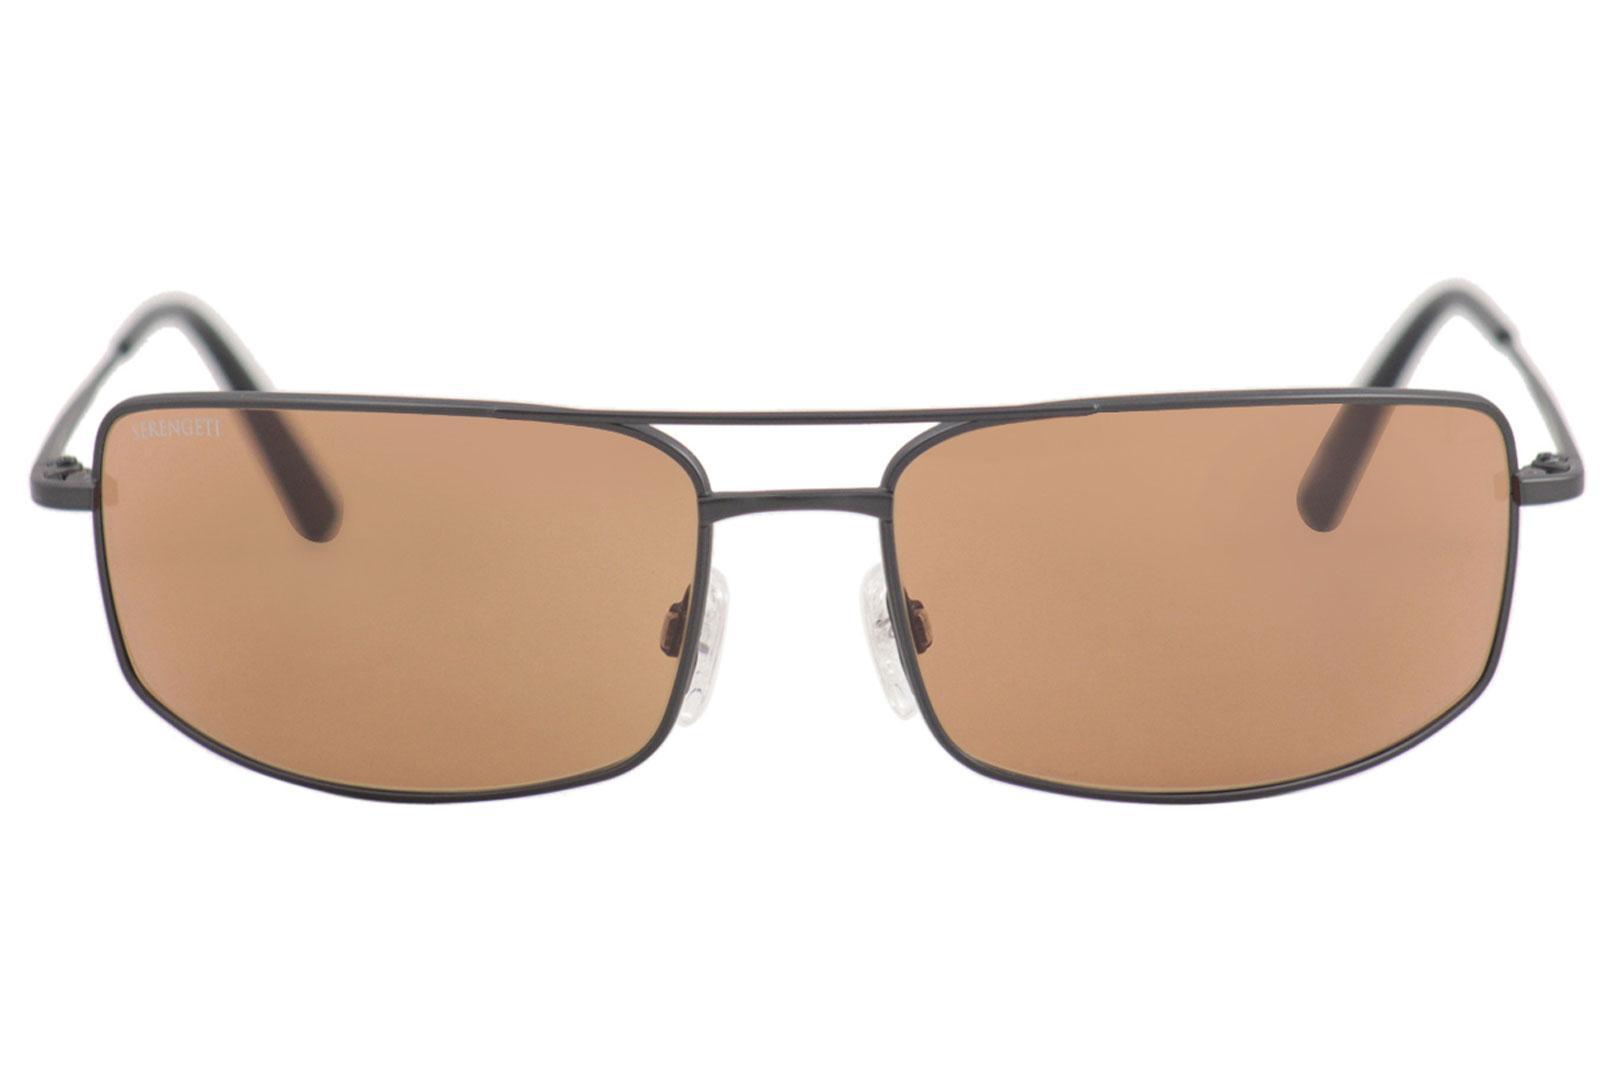 a0850409008da Serengeti Men s Treviso Fashion Pilot Sunglasses by Serengeti